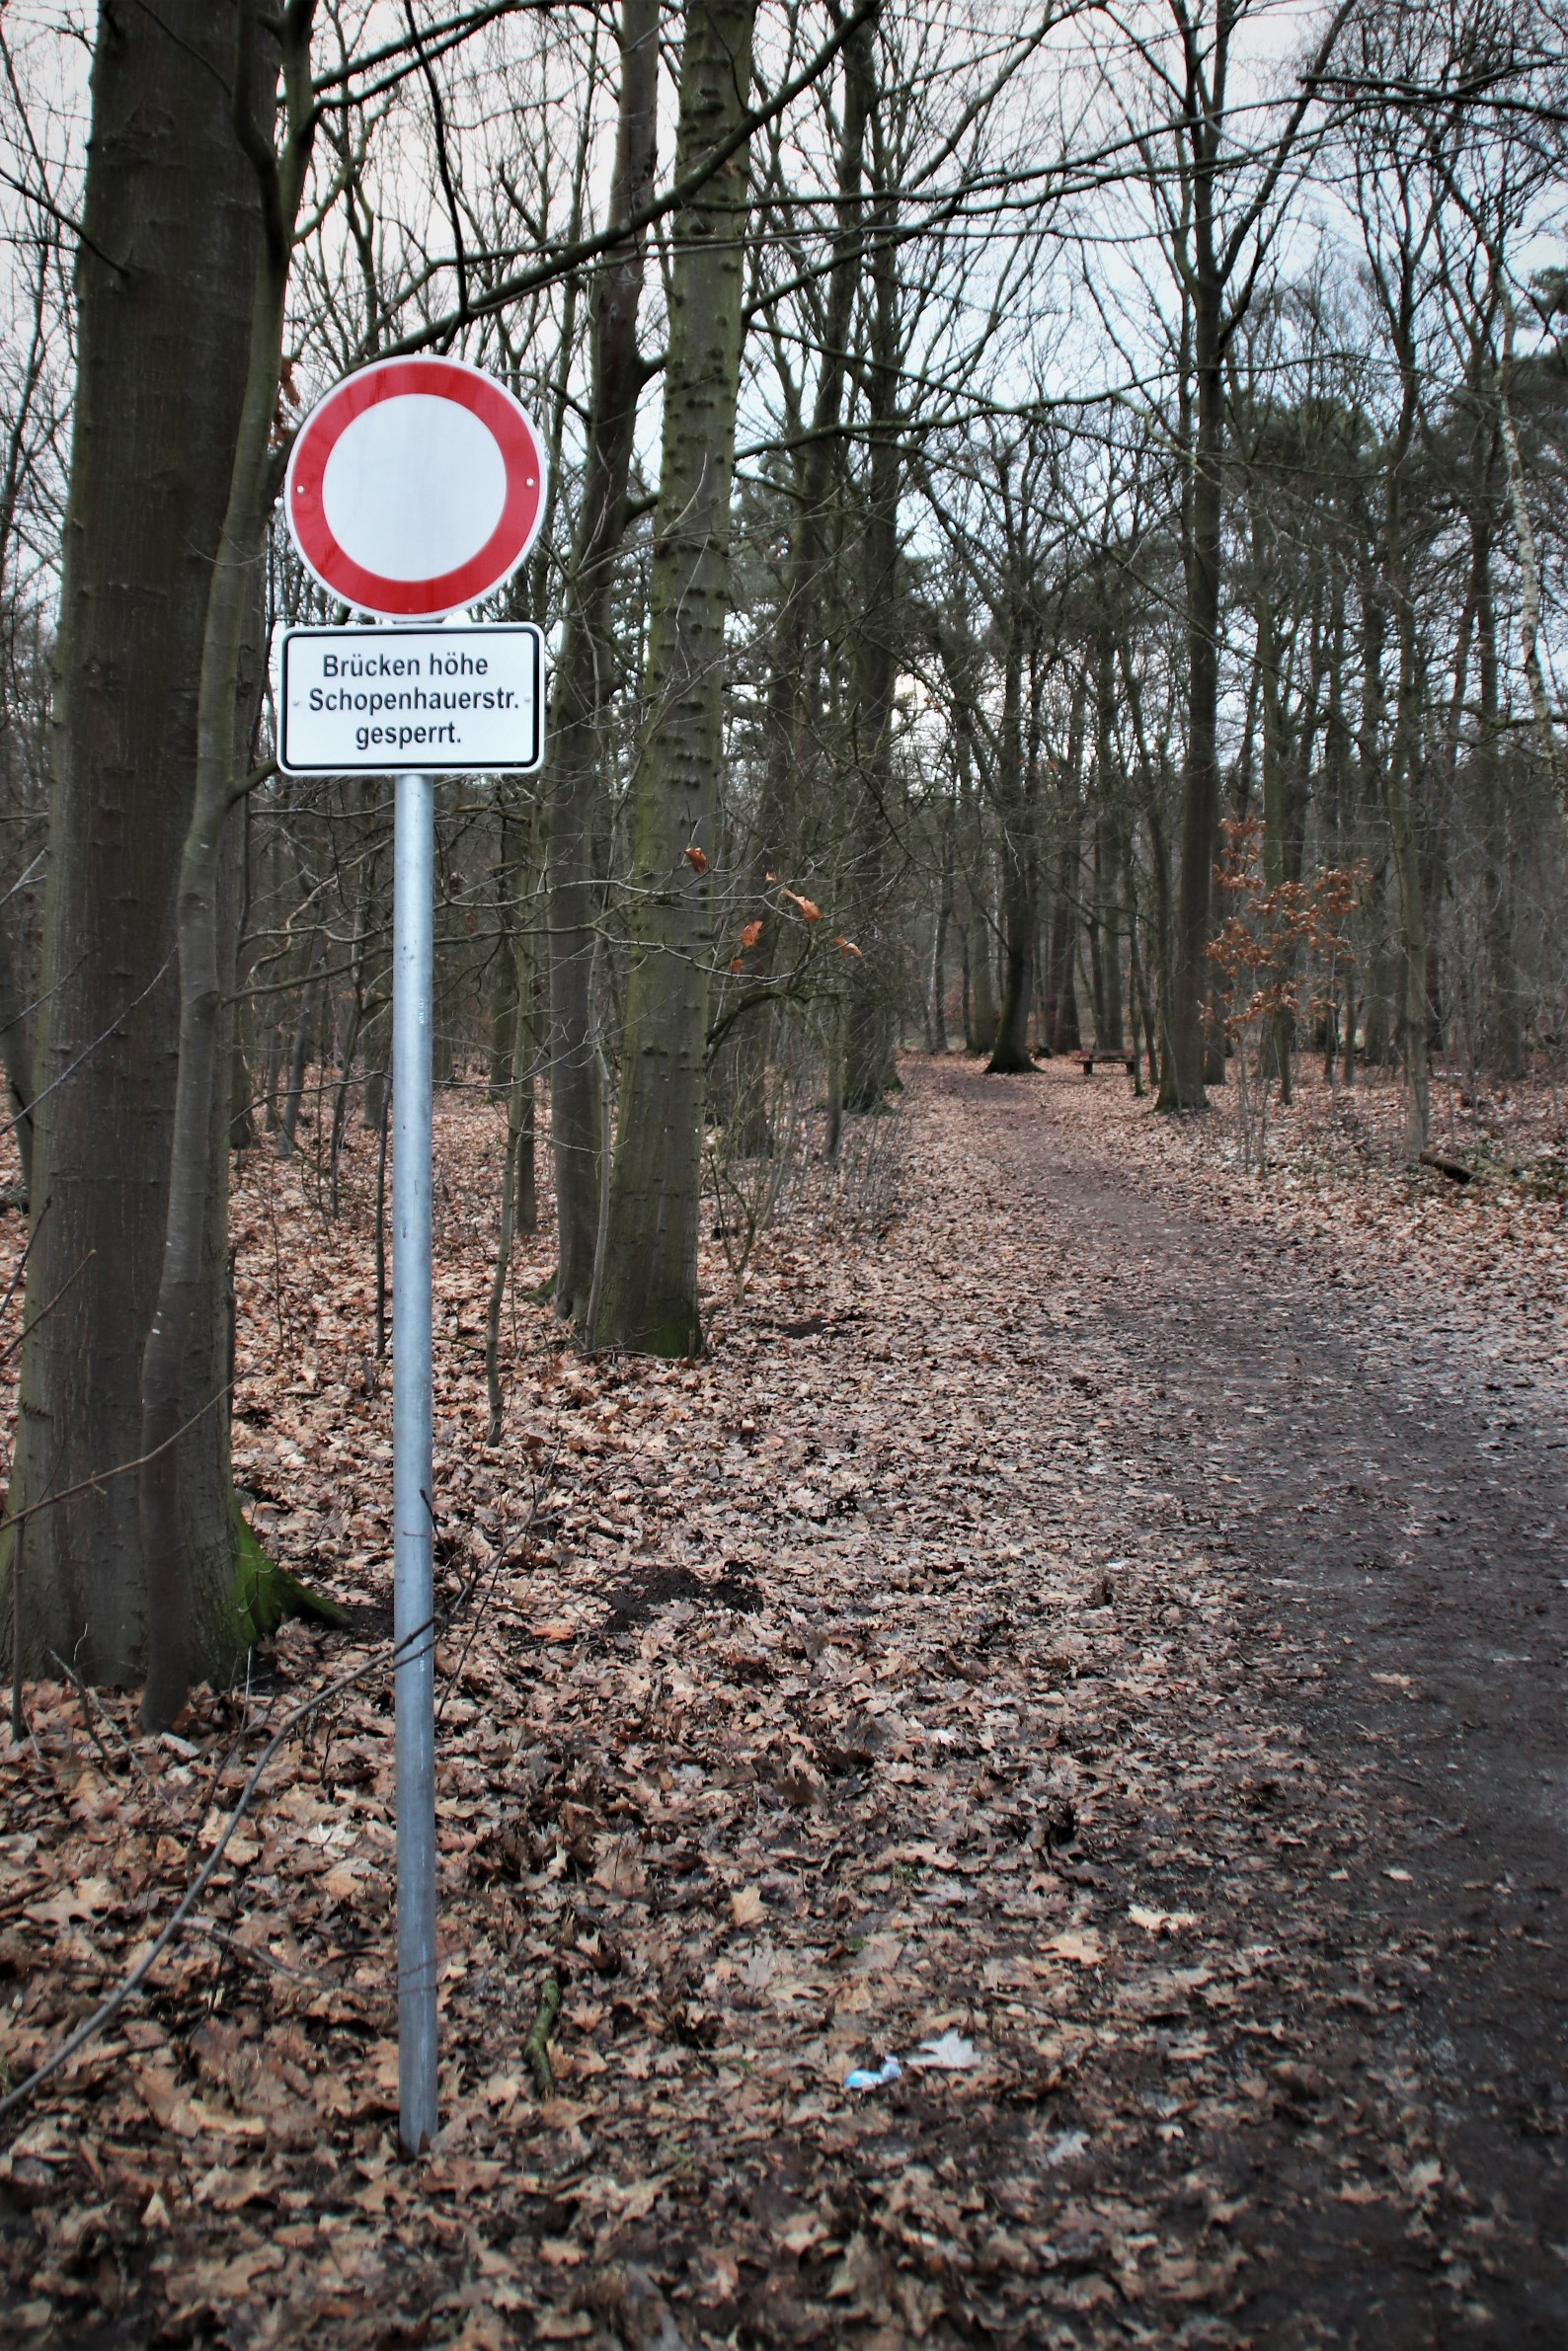 Ein Schild am Eingang des Tiergartens an der Oldenburger Straße weist auf die Sperrung hin